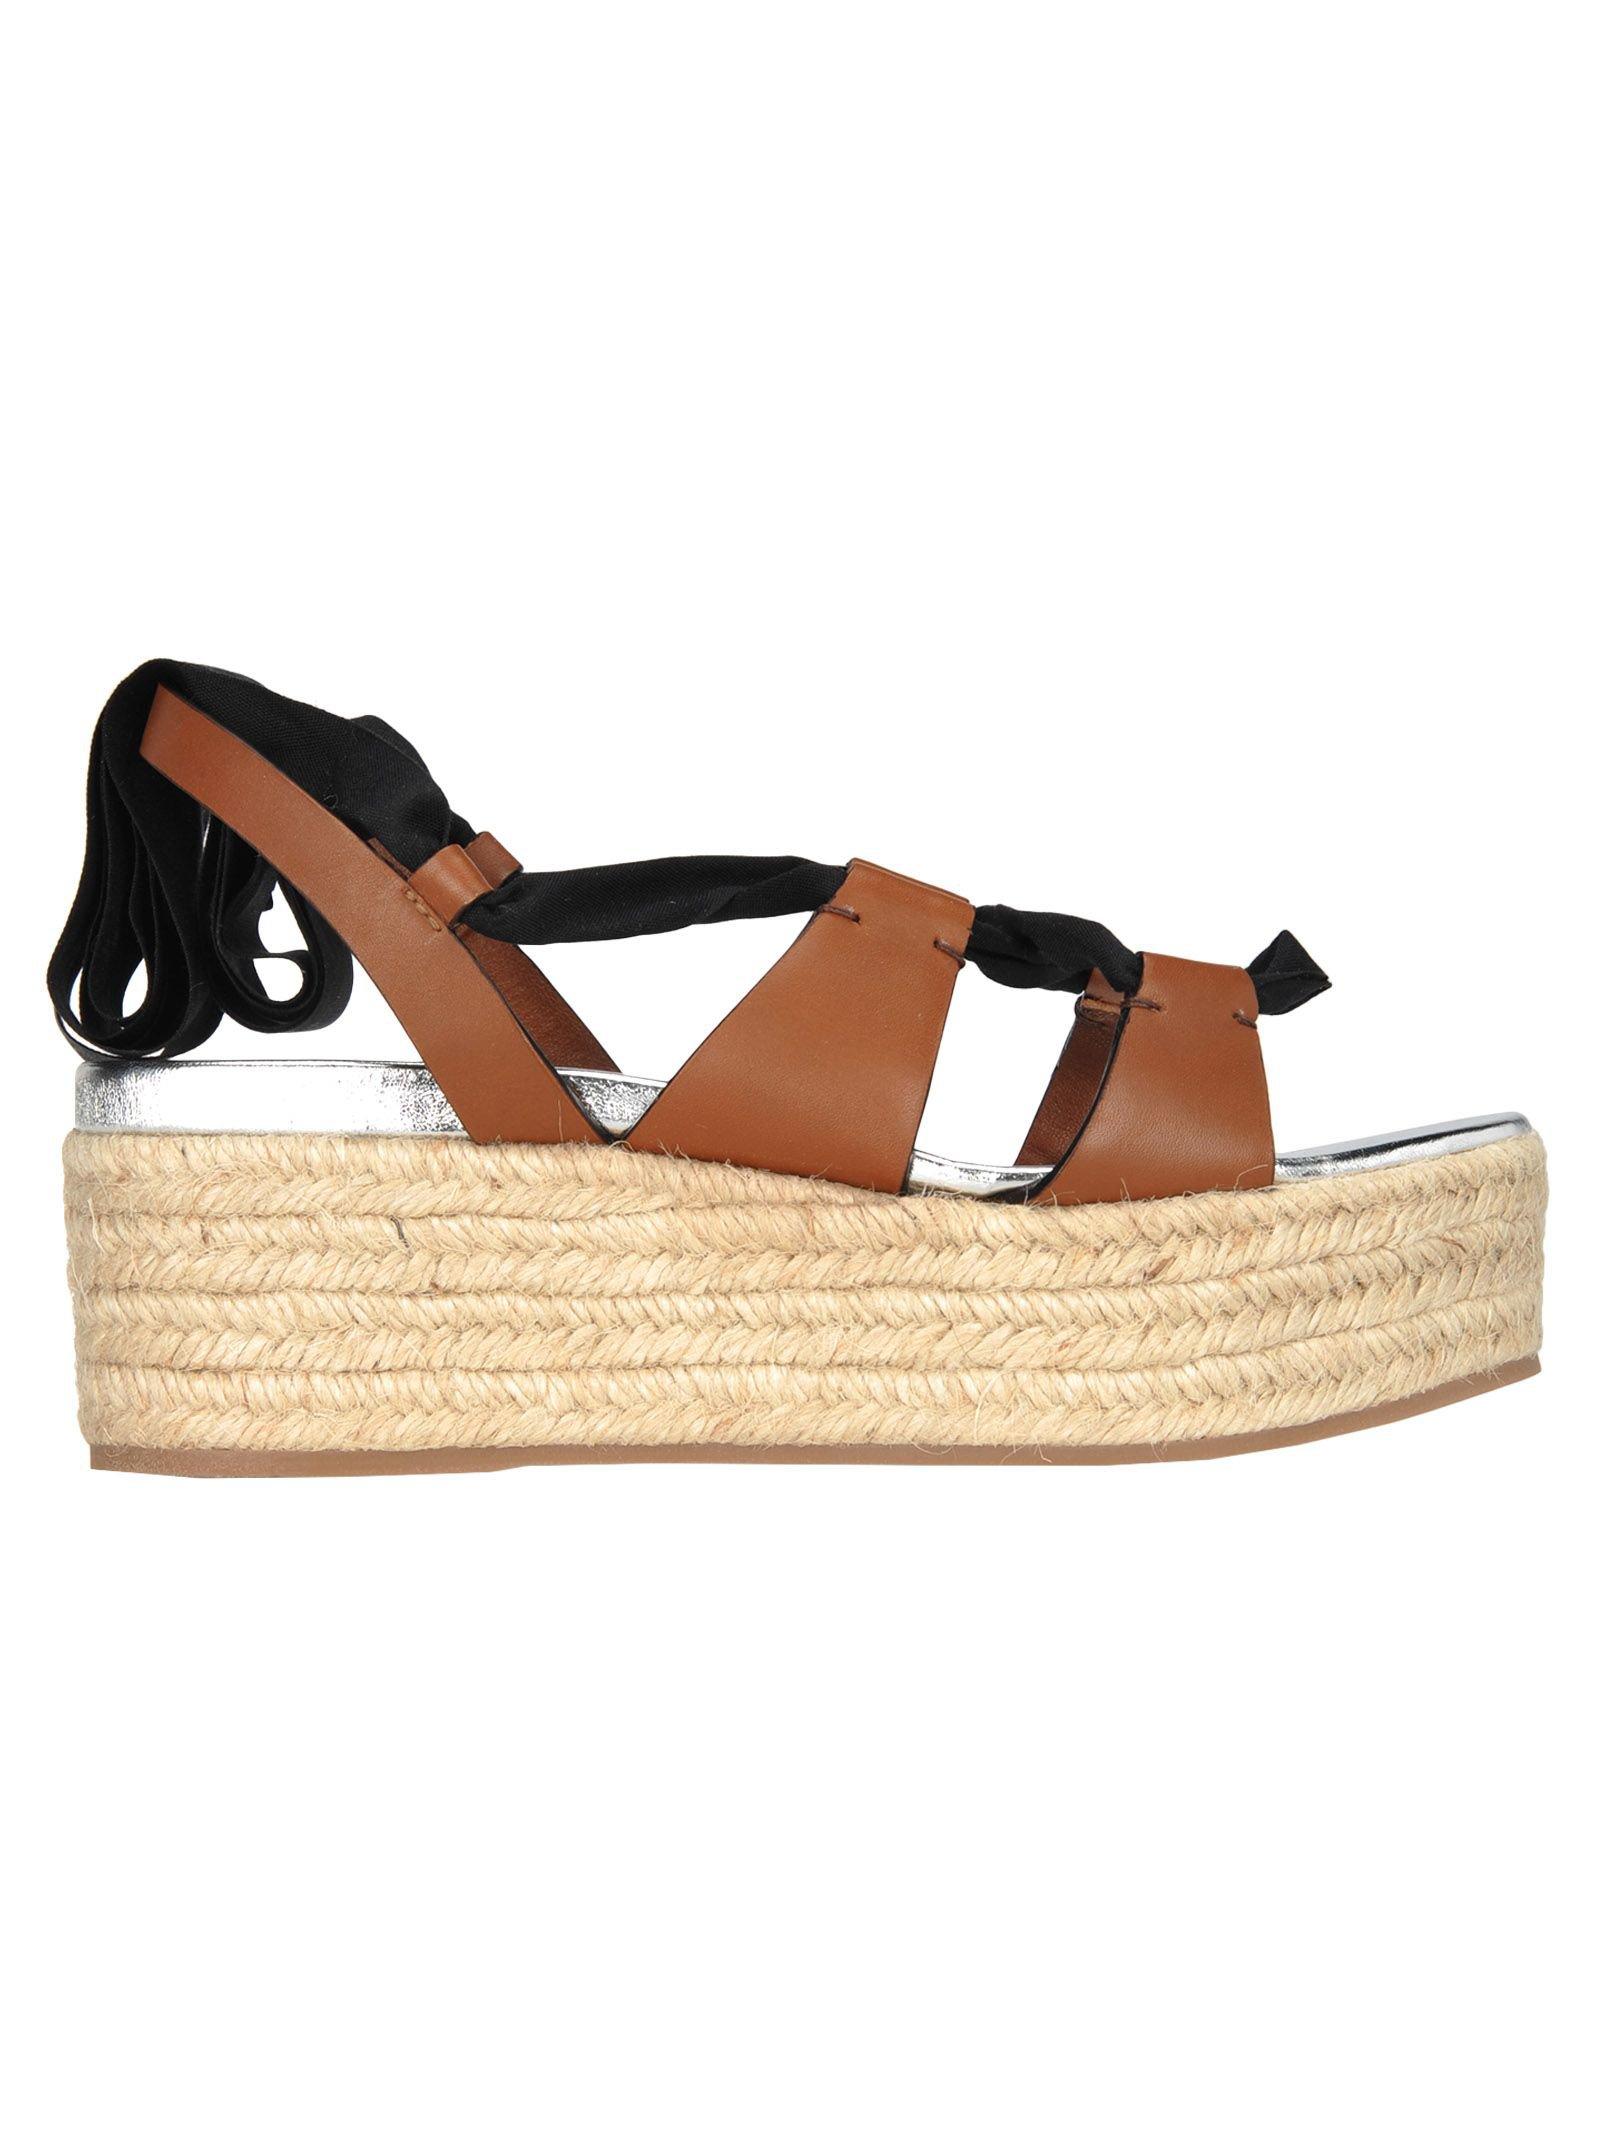 Miu Miu Miu Miu Platform Ribbon Sandals